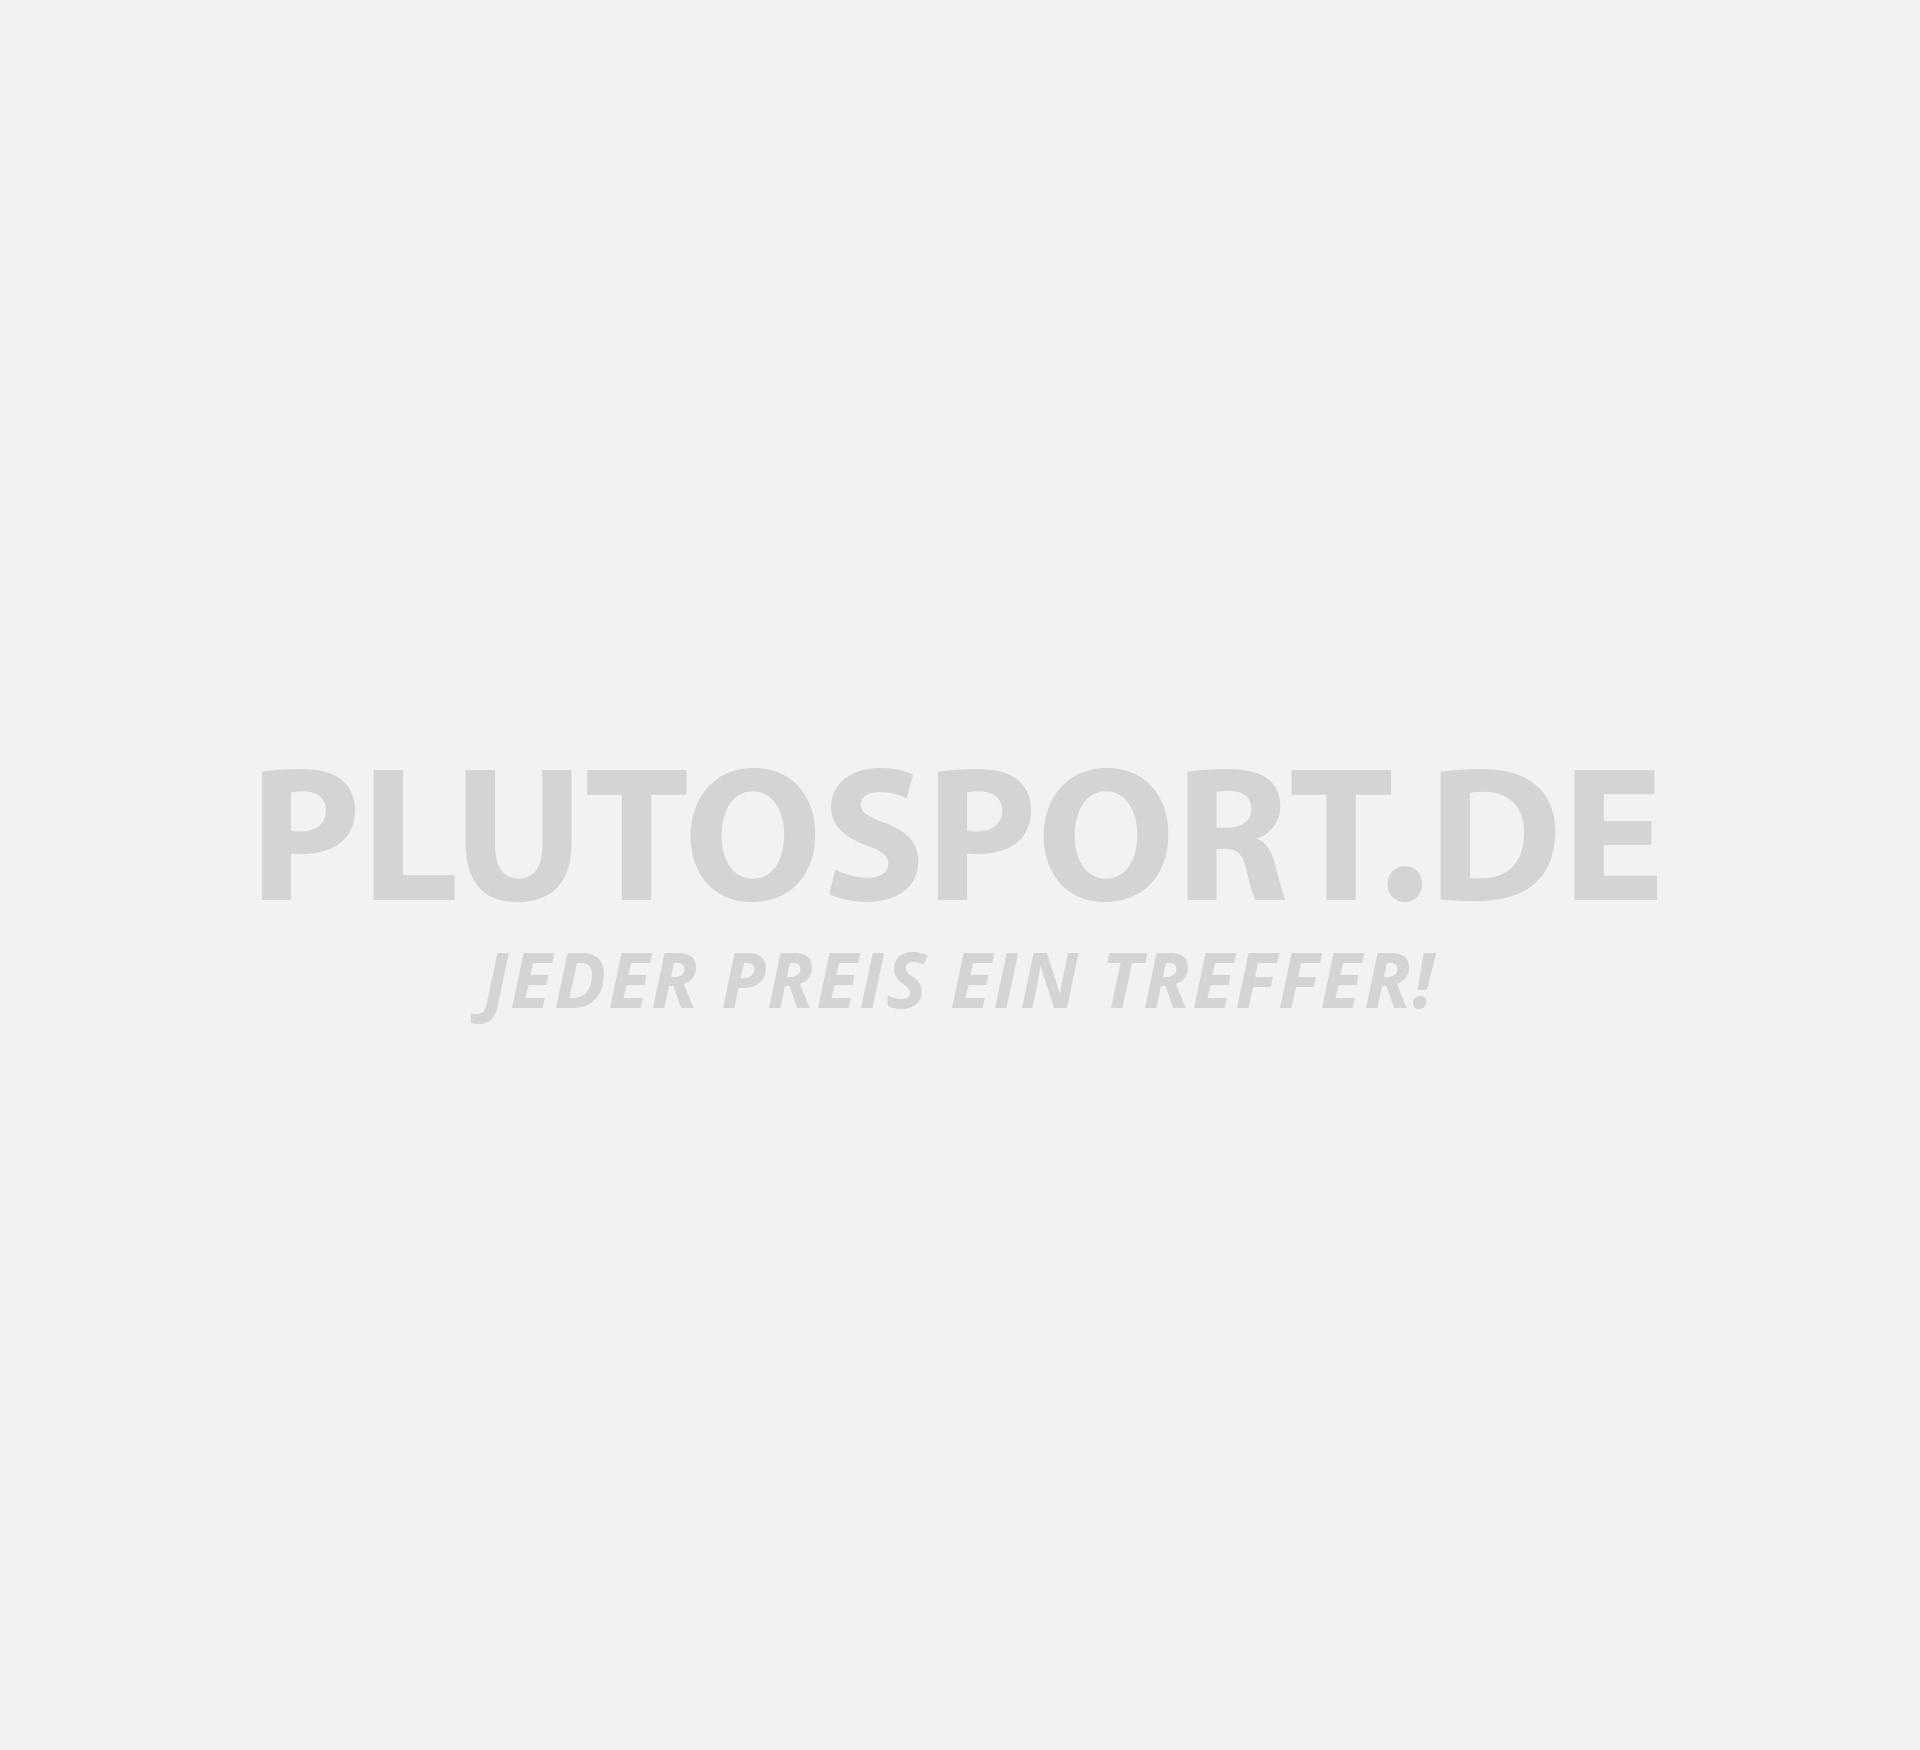 Uhlsport Bionikshield Schienbeinschoner